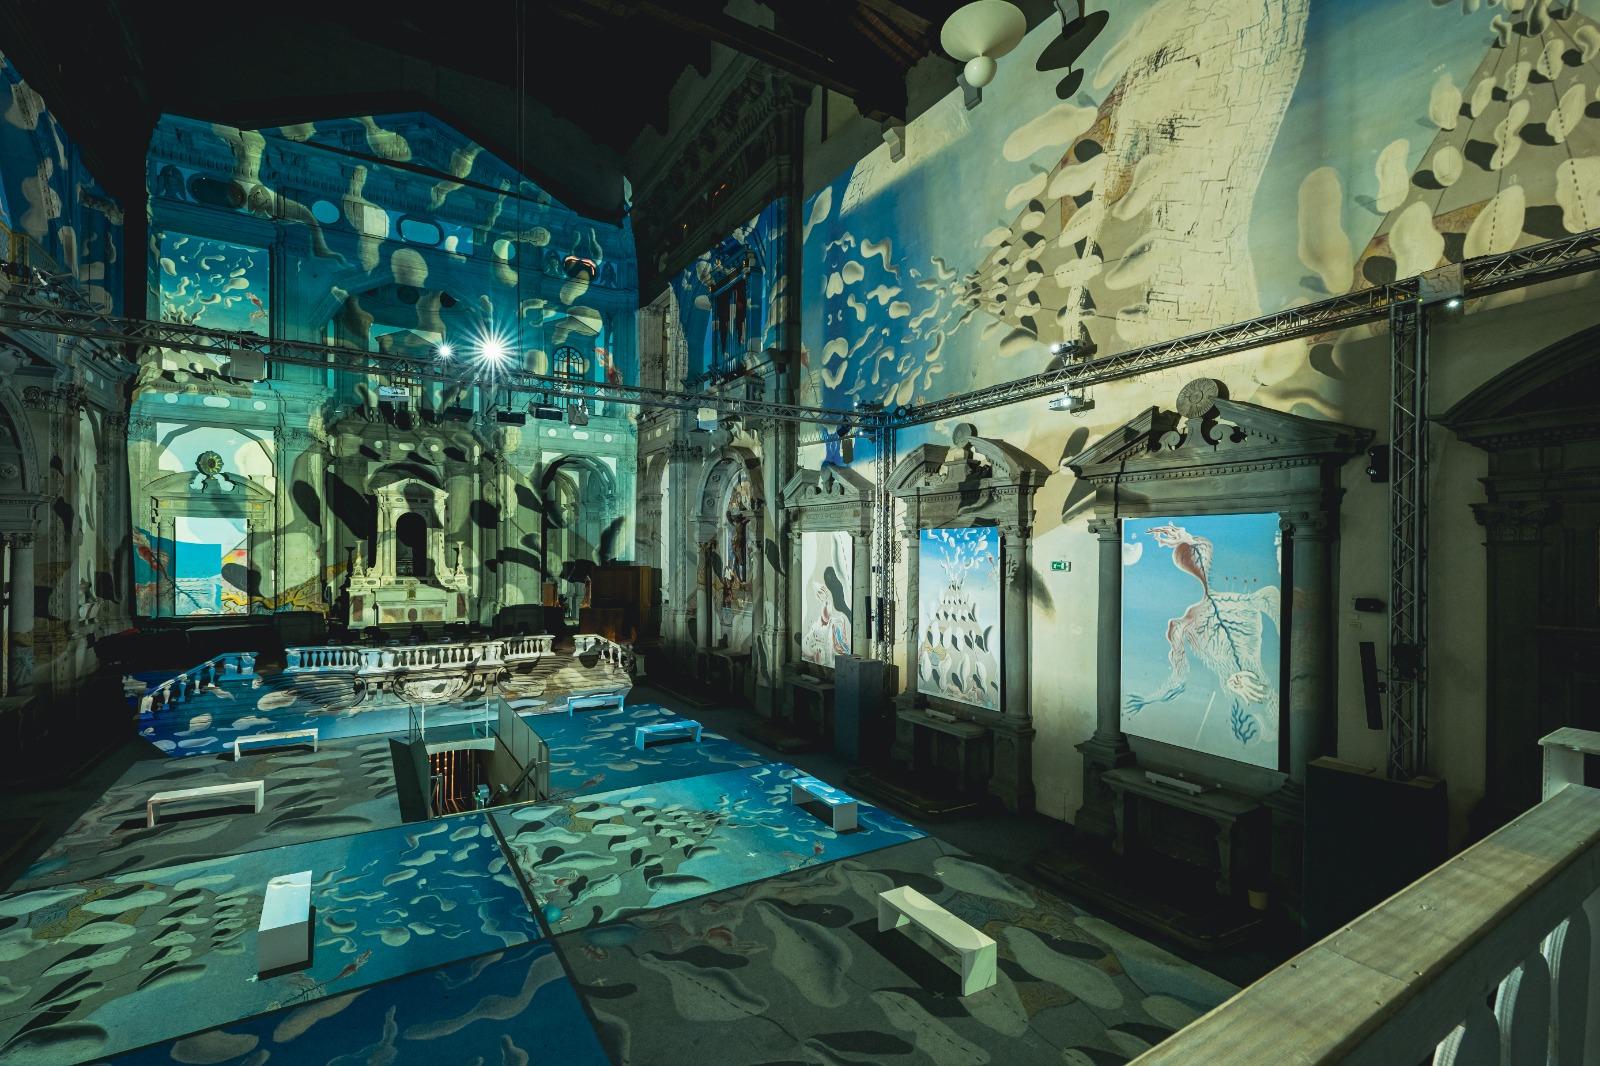 Inside Dalí: a Firenze apre lo spettacolo immersivo sull'icona del surrealismo